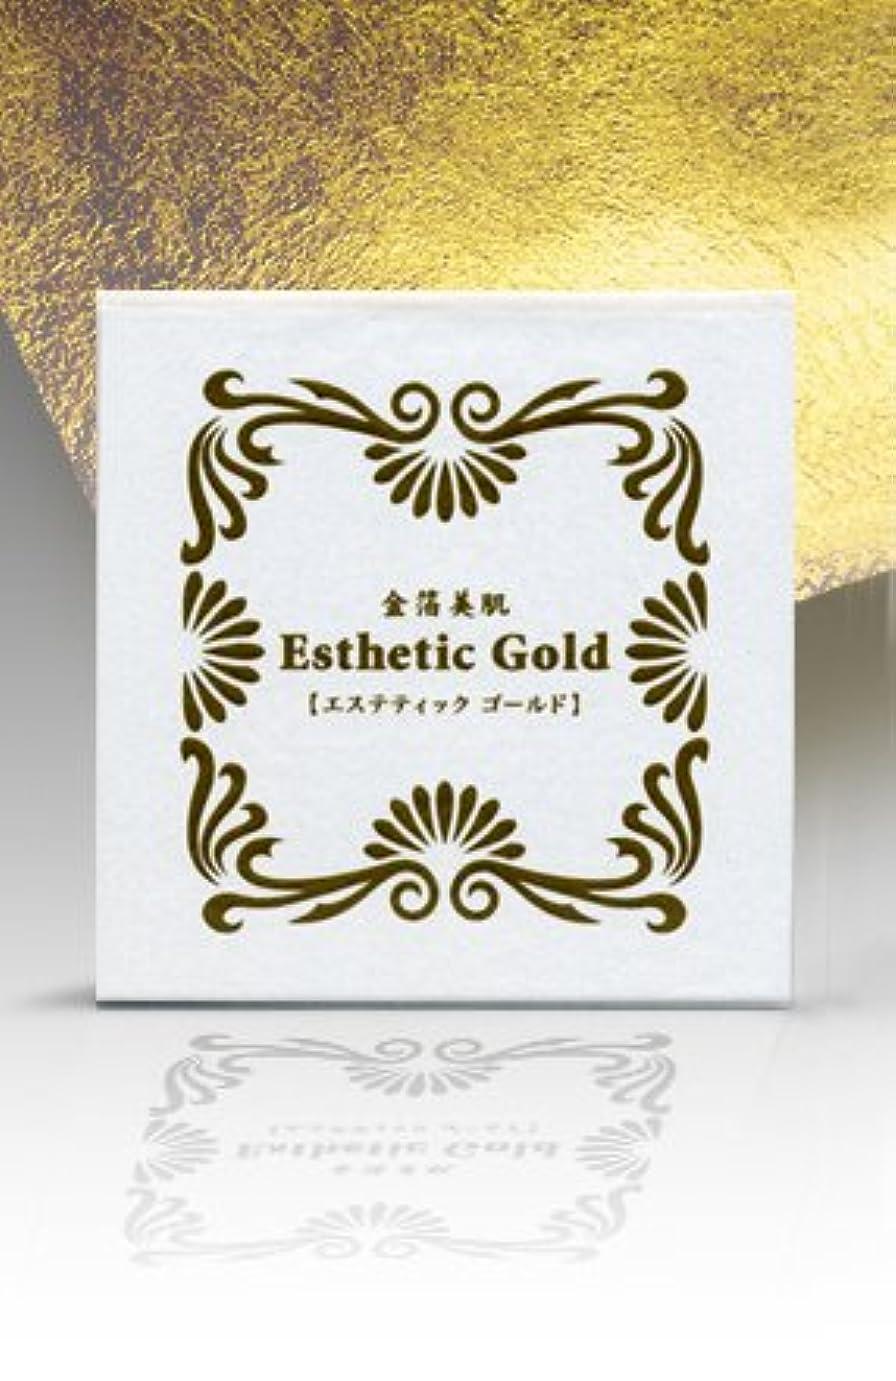 強化するキャッシュ永久に【金箔 美肌】エステティック ゴールド 24K-100枚【日本製】